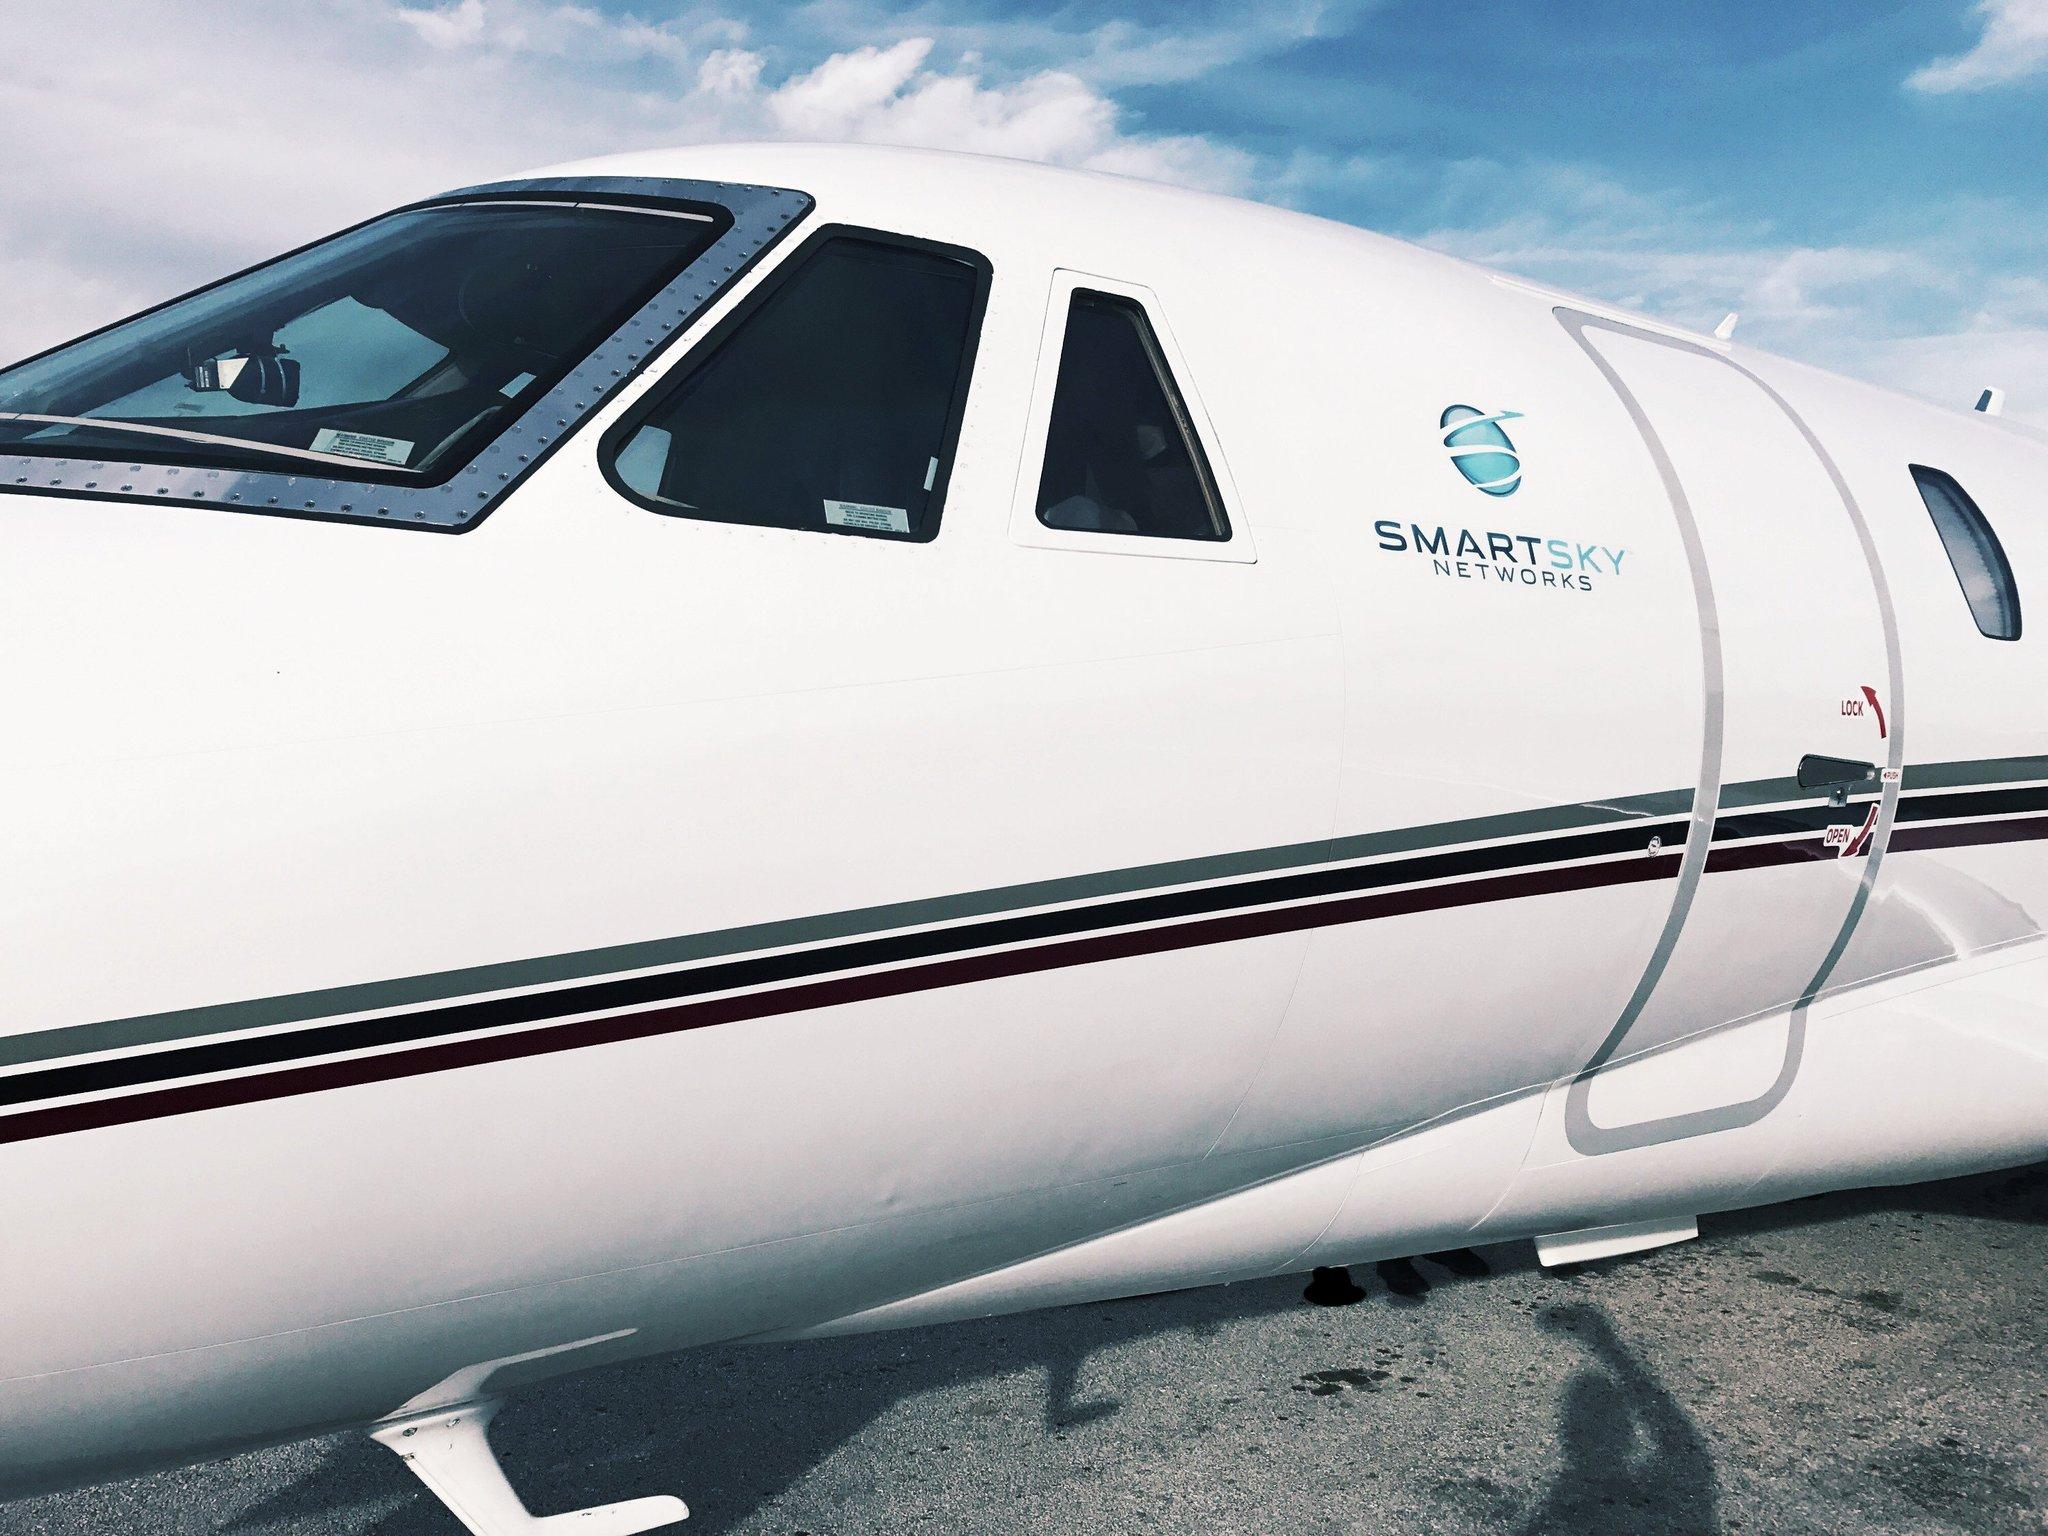 SmartSky Networks ATG BizAv BizJet